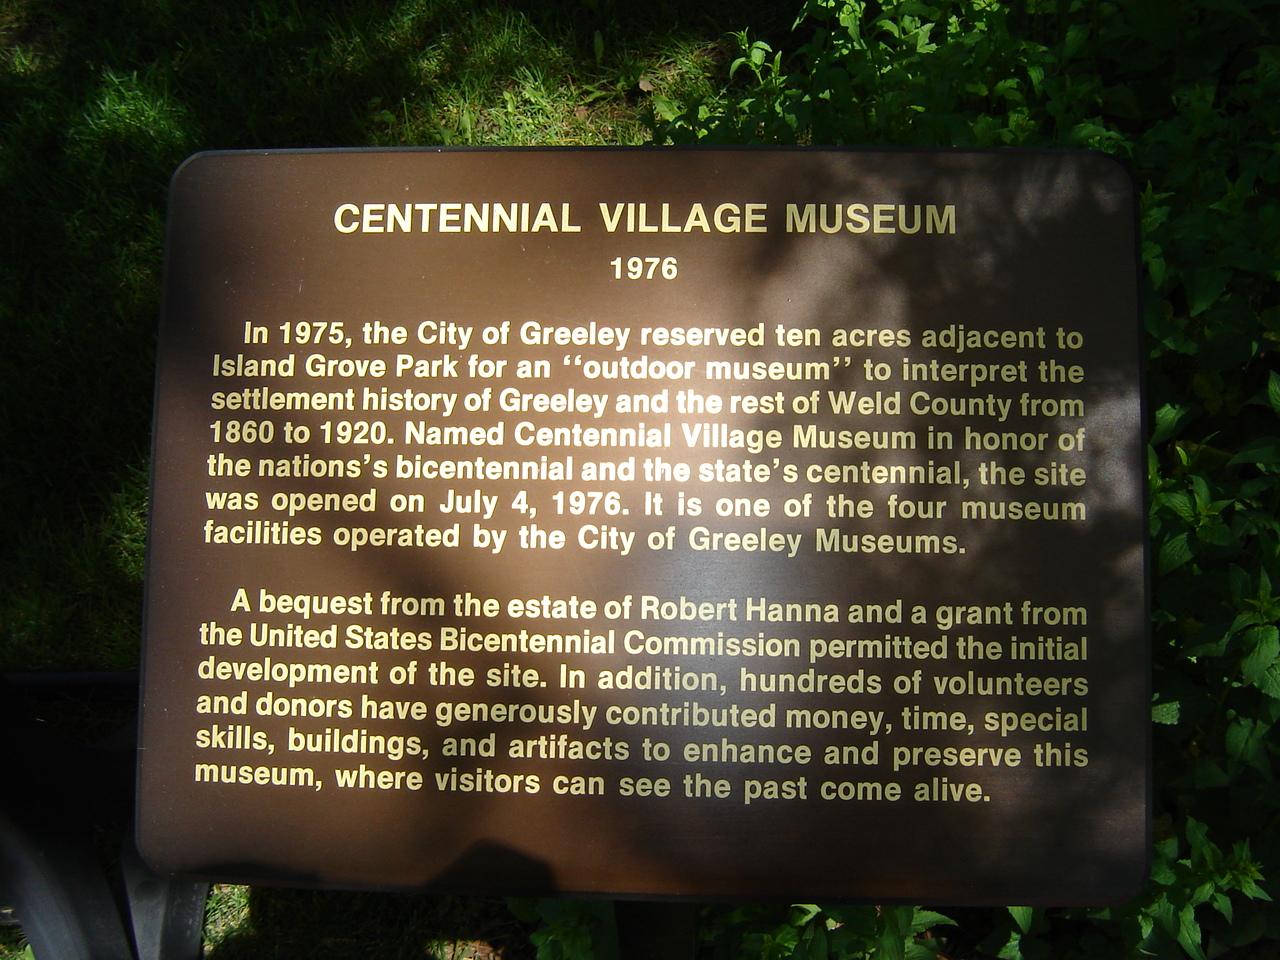 Centennial Village in Greeley, Colorado